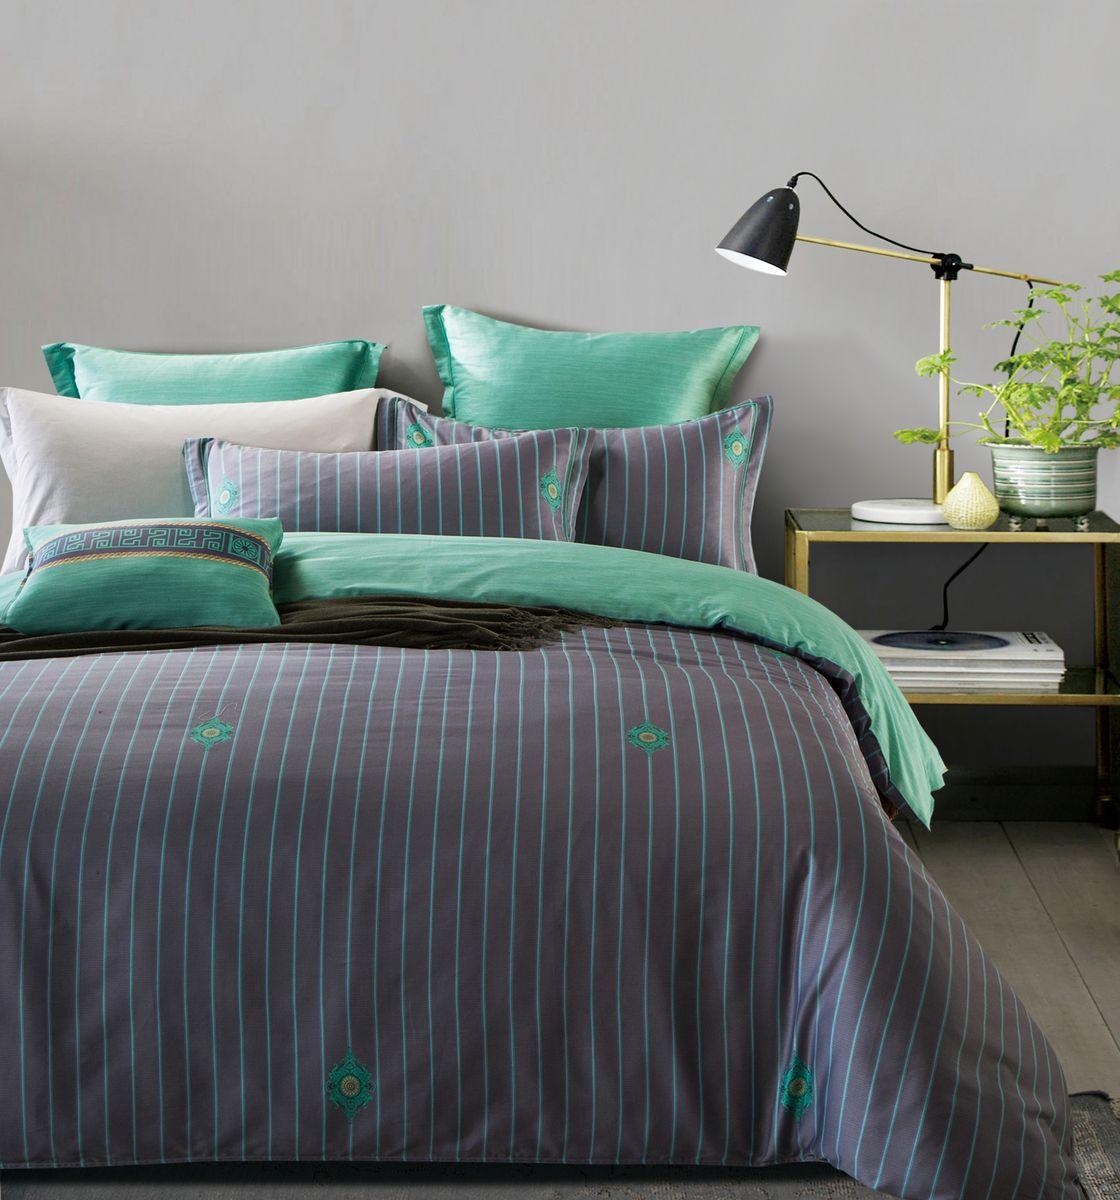 Комплект белья Estro Alberto, евро, наволочки 50х70, 70х70YGC3191ABP-КПБ_ALBERTO_ЕвроКомплект белья Estro выполнен из мако-сатина. Мако-сатин - ткань сатинового переплетения, произведенная из высококачественного египетского хлопка. Для пошива домашнего текстиля - это идеальная ткань, не даром египетский хлопок является самым любимым материалом многих дизайнеров. Ткань из египетского хлопка отличается особенным матовым отблеском, который не исчезает даже после многократных стирок, кроме этого она невероятно мягкая, и эта мягкость только усиливается после каждой стирки. Изделия из такой ткани не теряют внешний вид даже после многих лет эксплуатации.В комплект входят: пододеяльник на молнии, простыня, наволочки 50 х 70 см - 2 шт, наволочки 70 х 70 см - 2 шт на молнии. Комплект в дизайнерской элегантной, презентабельной упаковке идеален в качестве подарка.